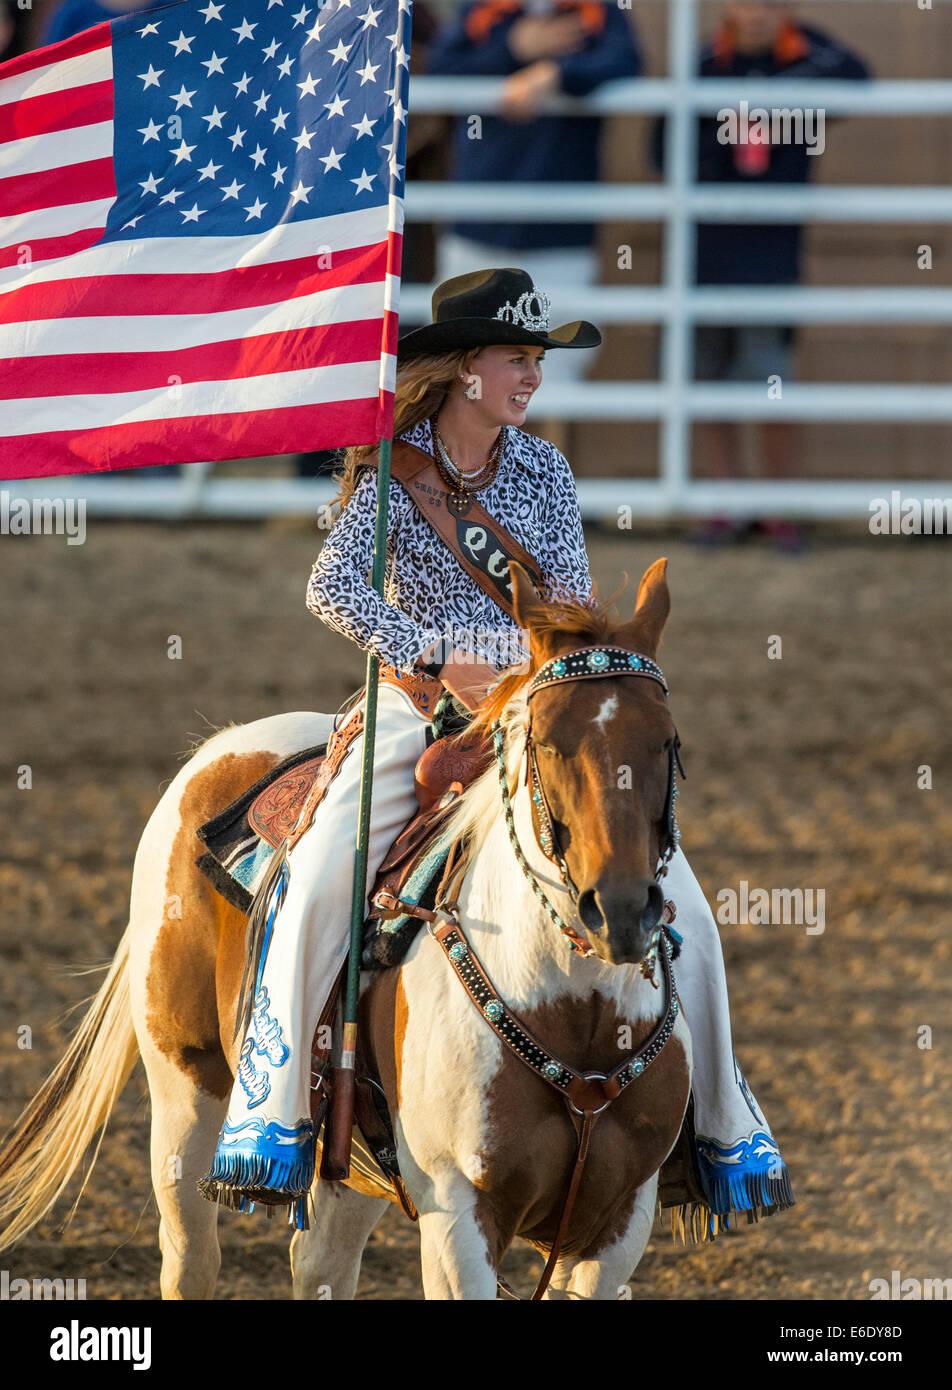 Rodeo Regina che porta bandiera americana a cavallo durante l inno nazionale, Chaffee County Fair & Rodeo, Colorado, Immagini Stock